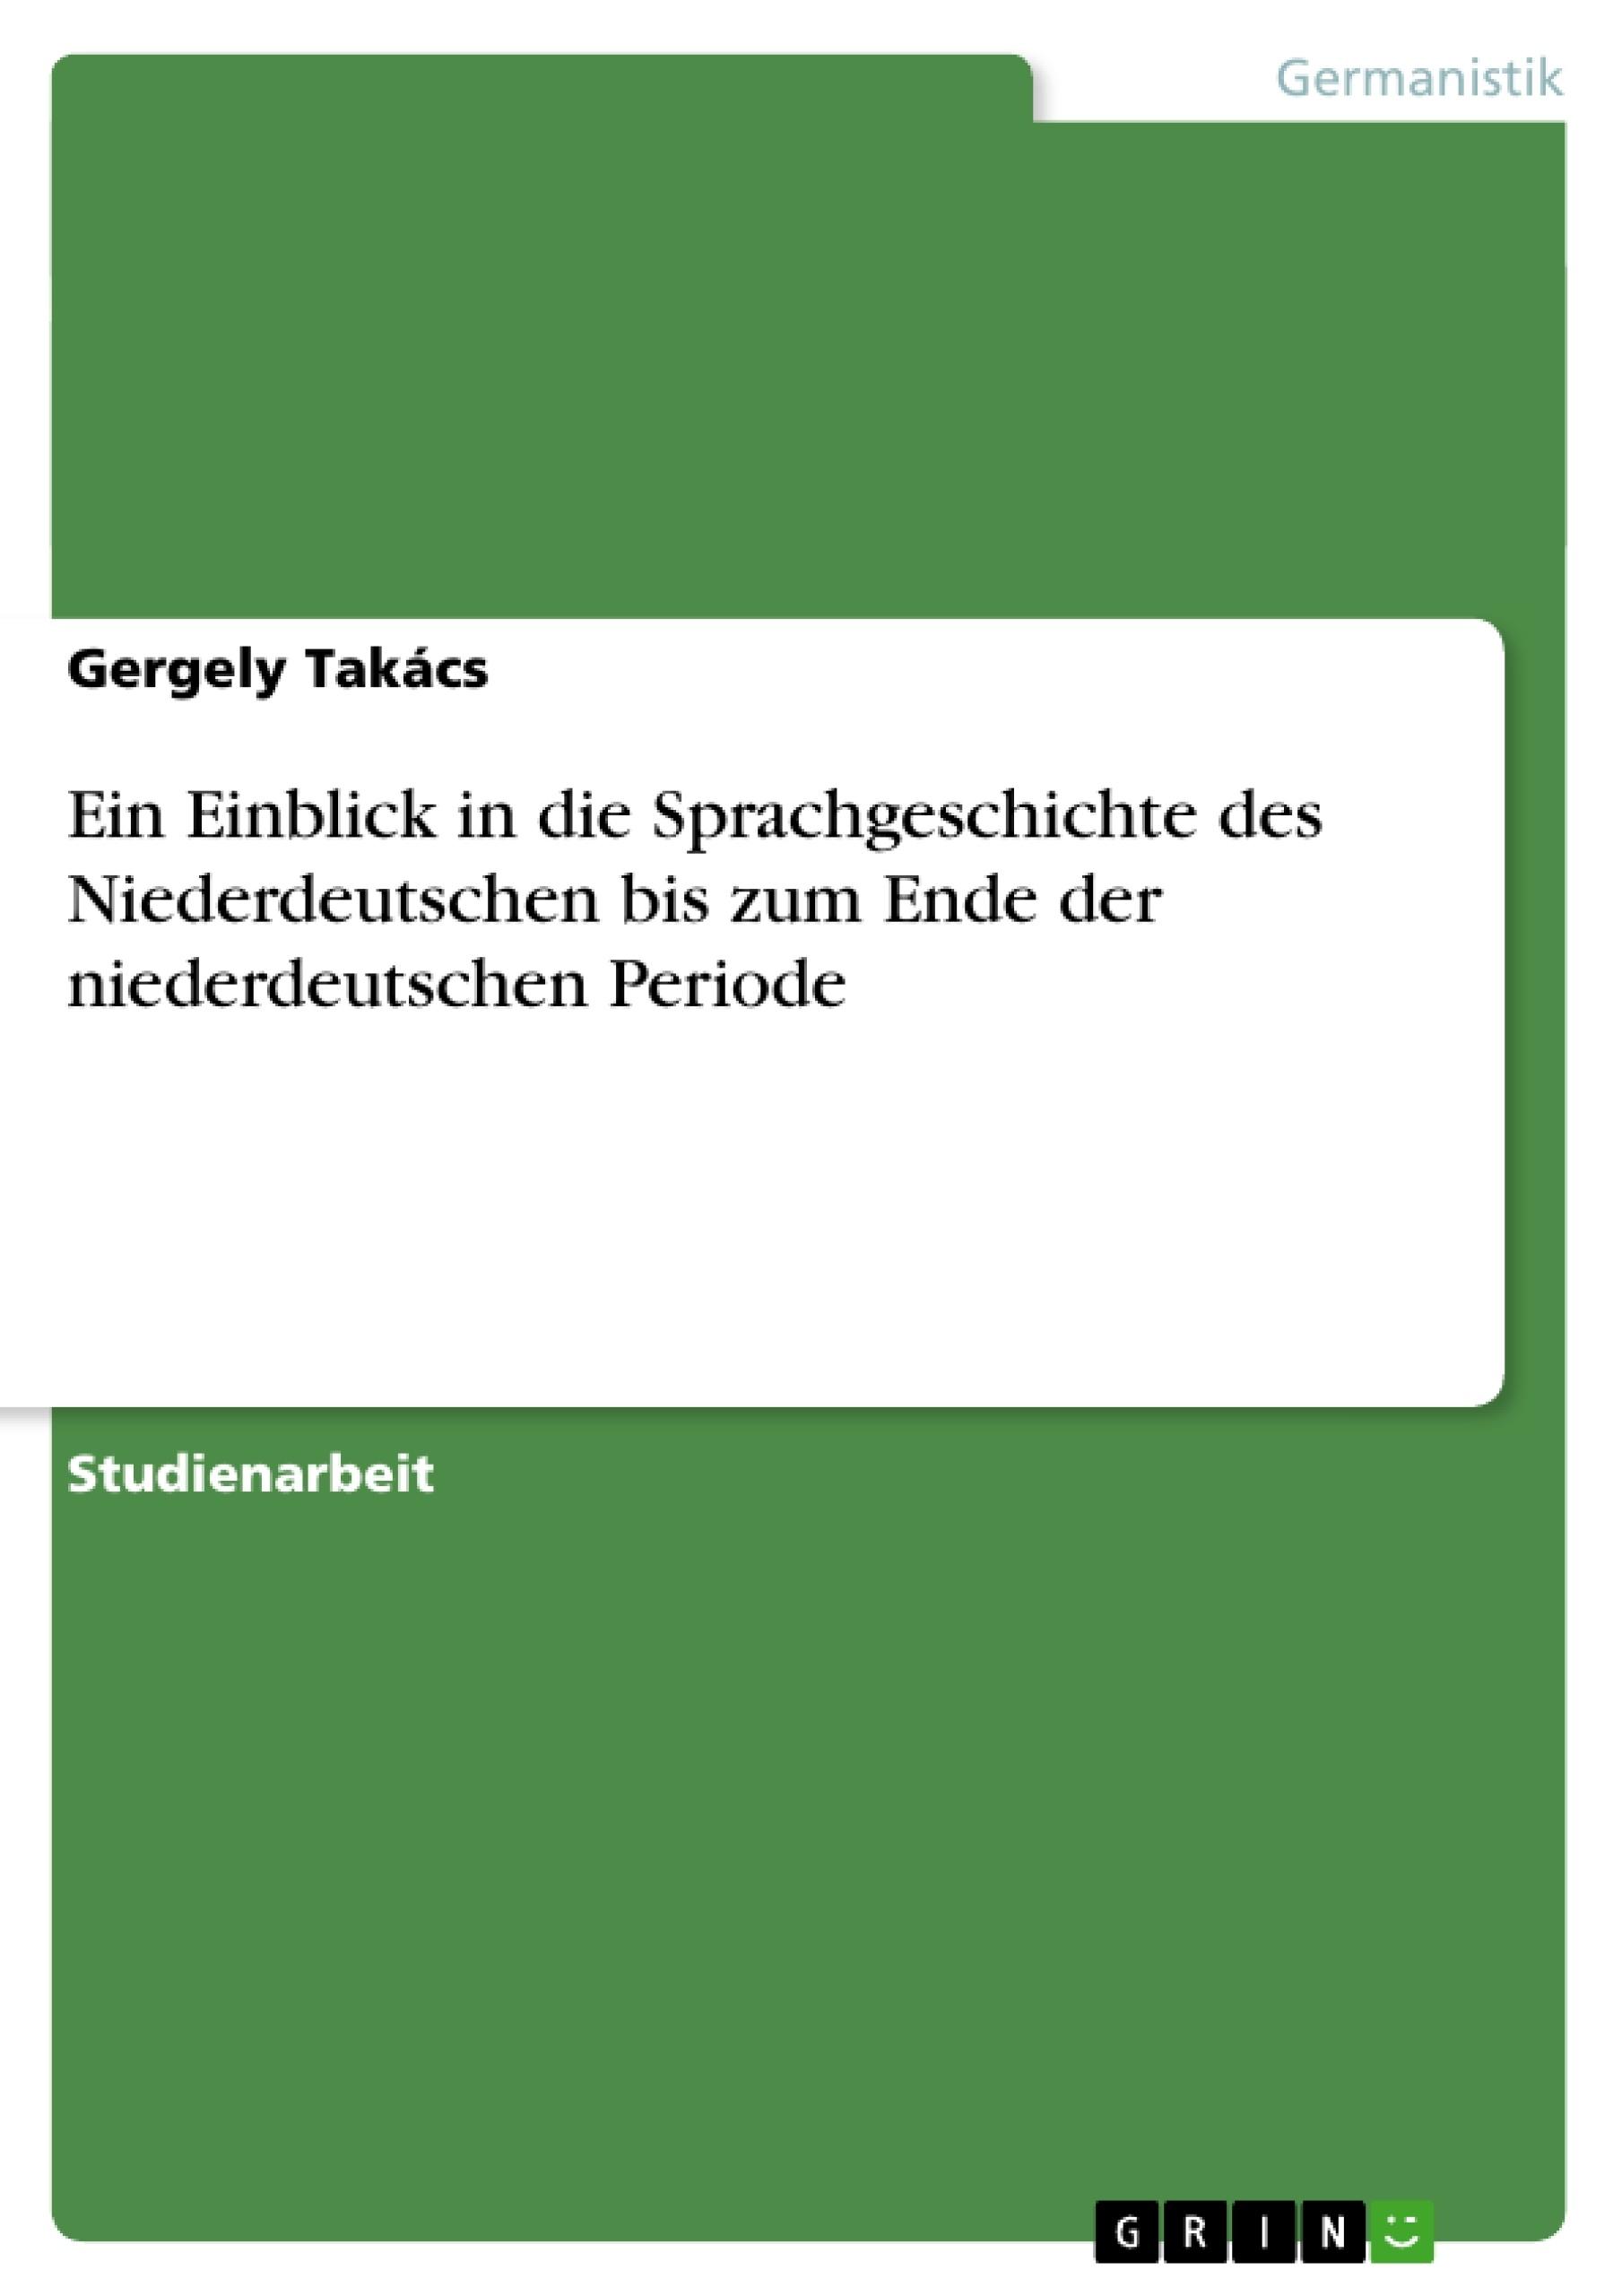 Titel: Ein Einblick in die Sprachgeschichte des Niederdeutschen bis zum Ende der niederdeutschen Periode